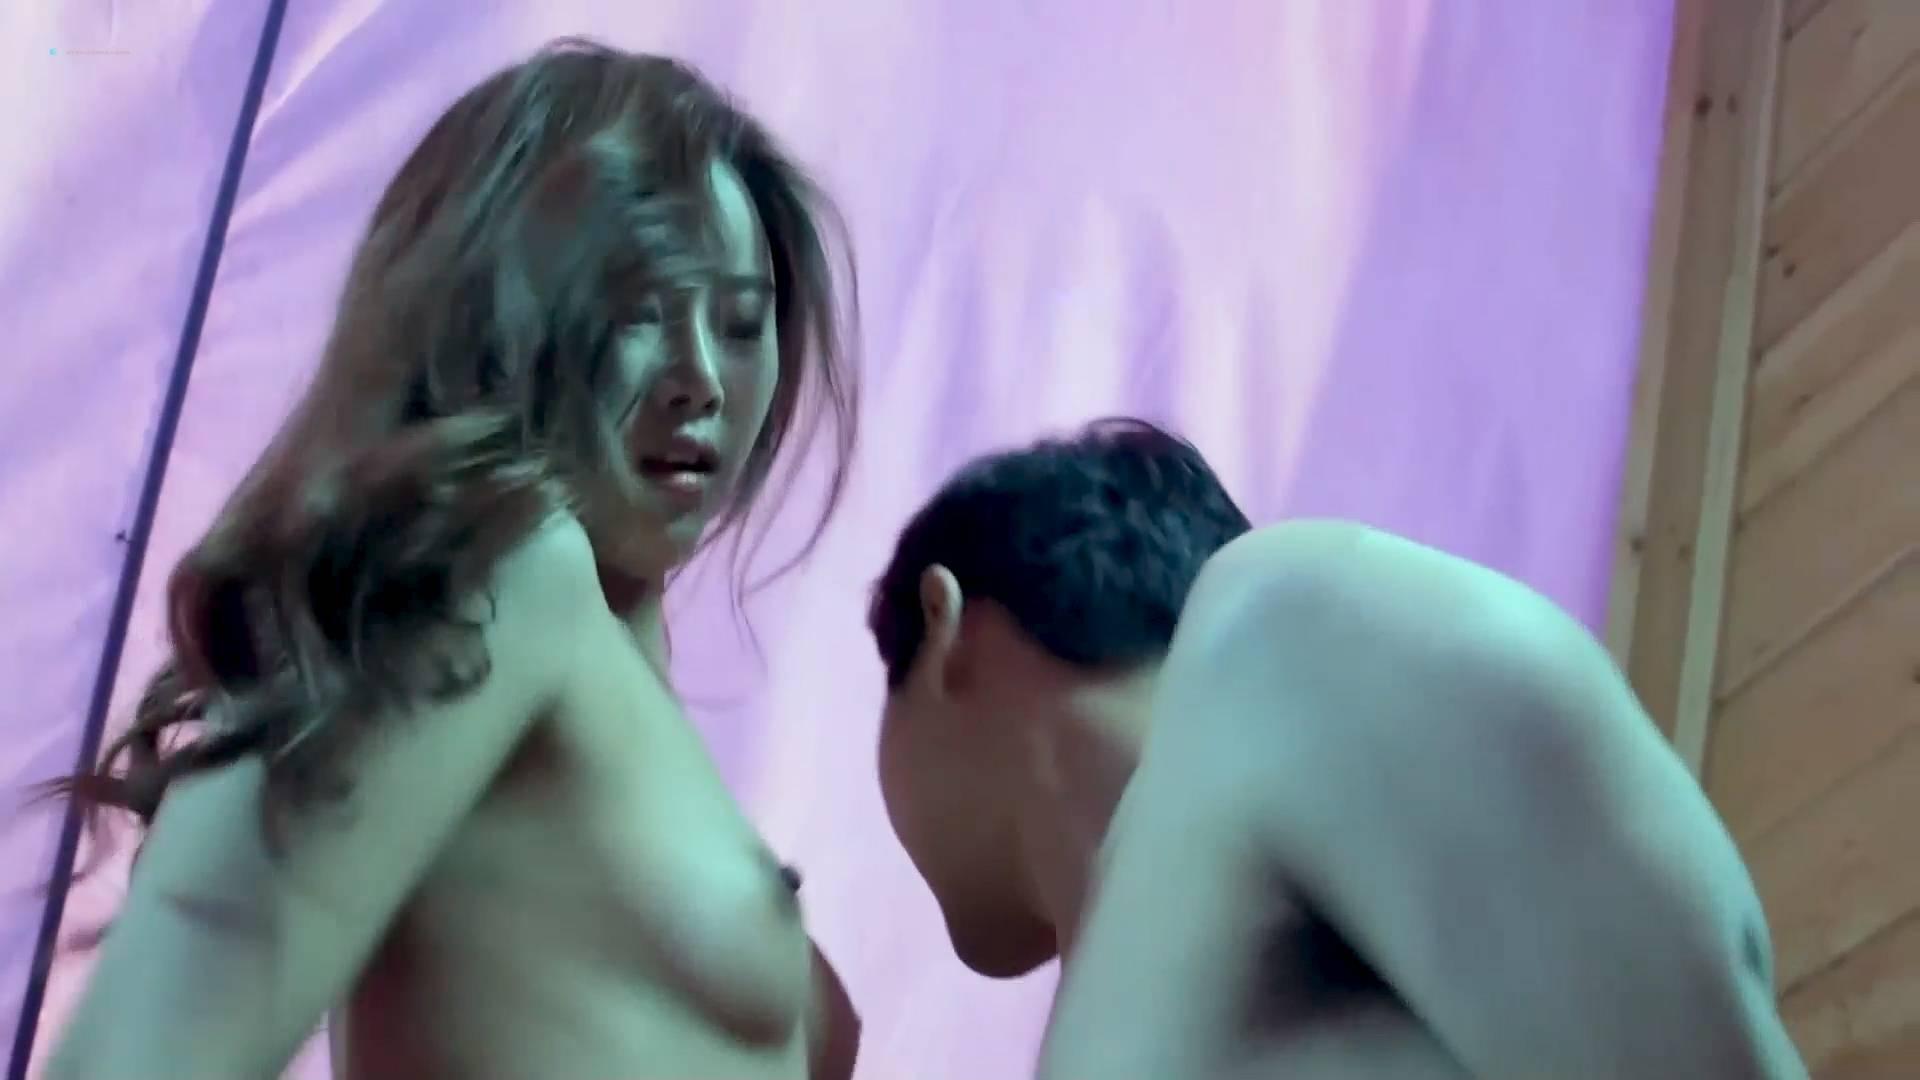 Hong sae hee sex scene 2 2